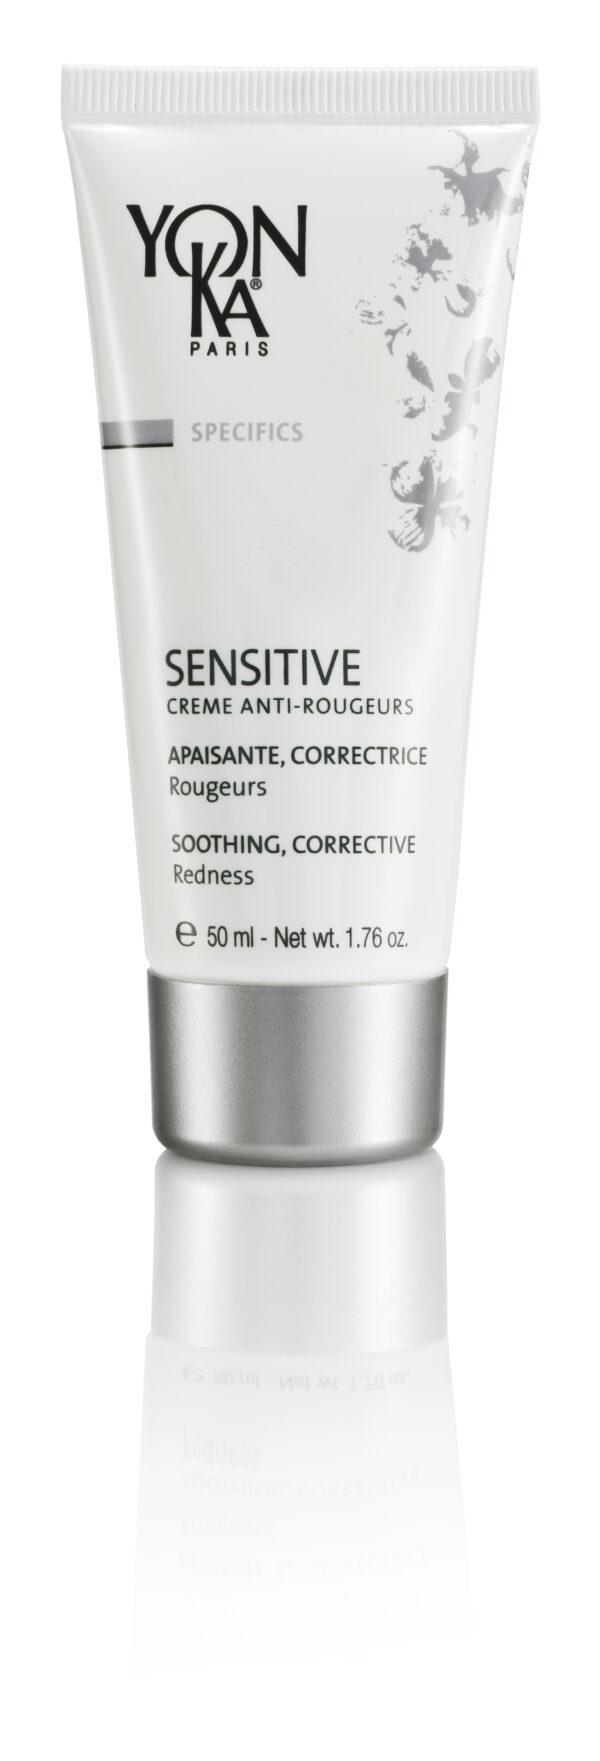 SENSITIVE CRÈME ANTI-ROUGEURS - Vähentää punoittavan ihon kuumotusta